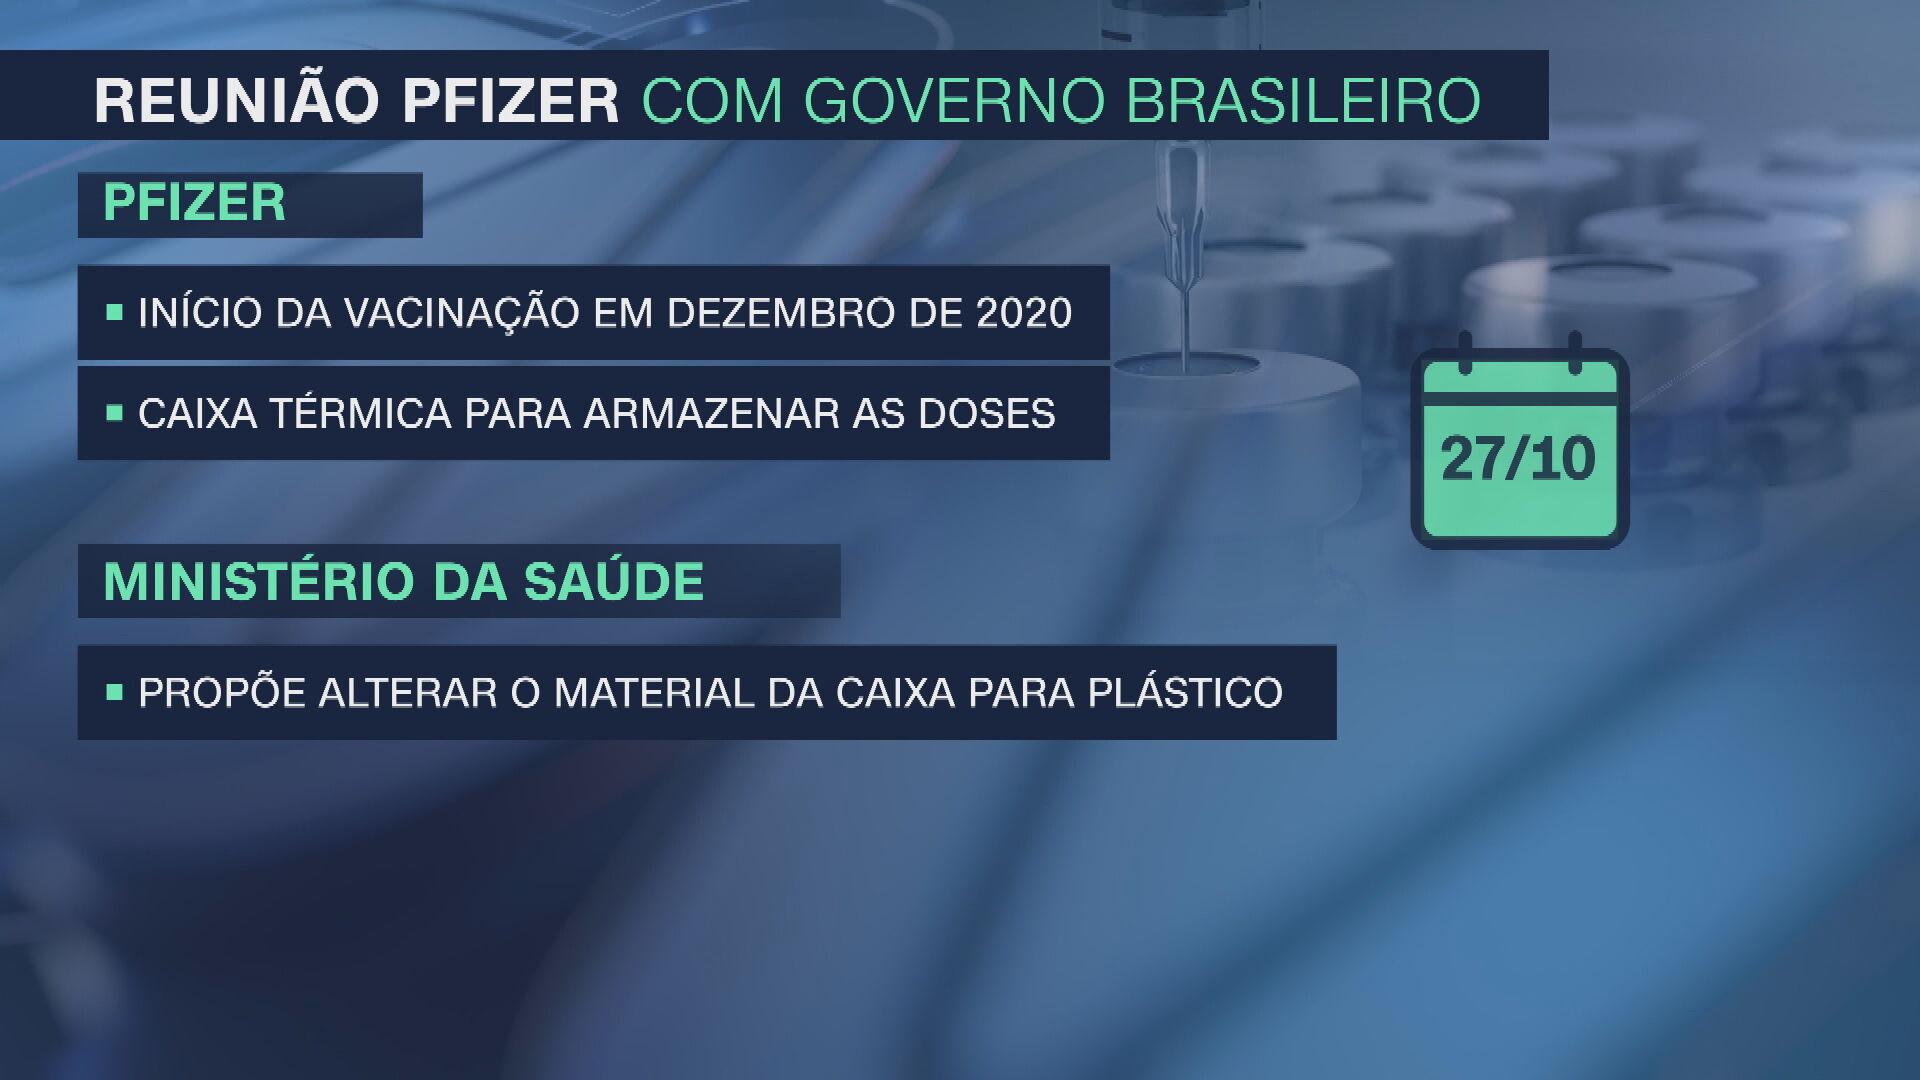 Resumo da reunião entre o governo federal e a Pfizer no dia 27/10/2020 (17.jun.2